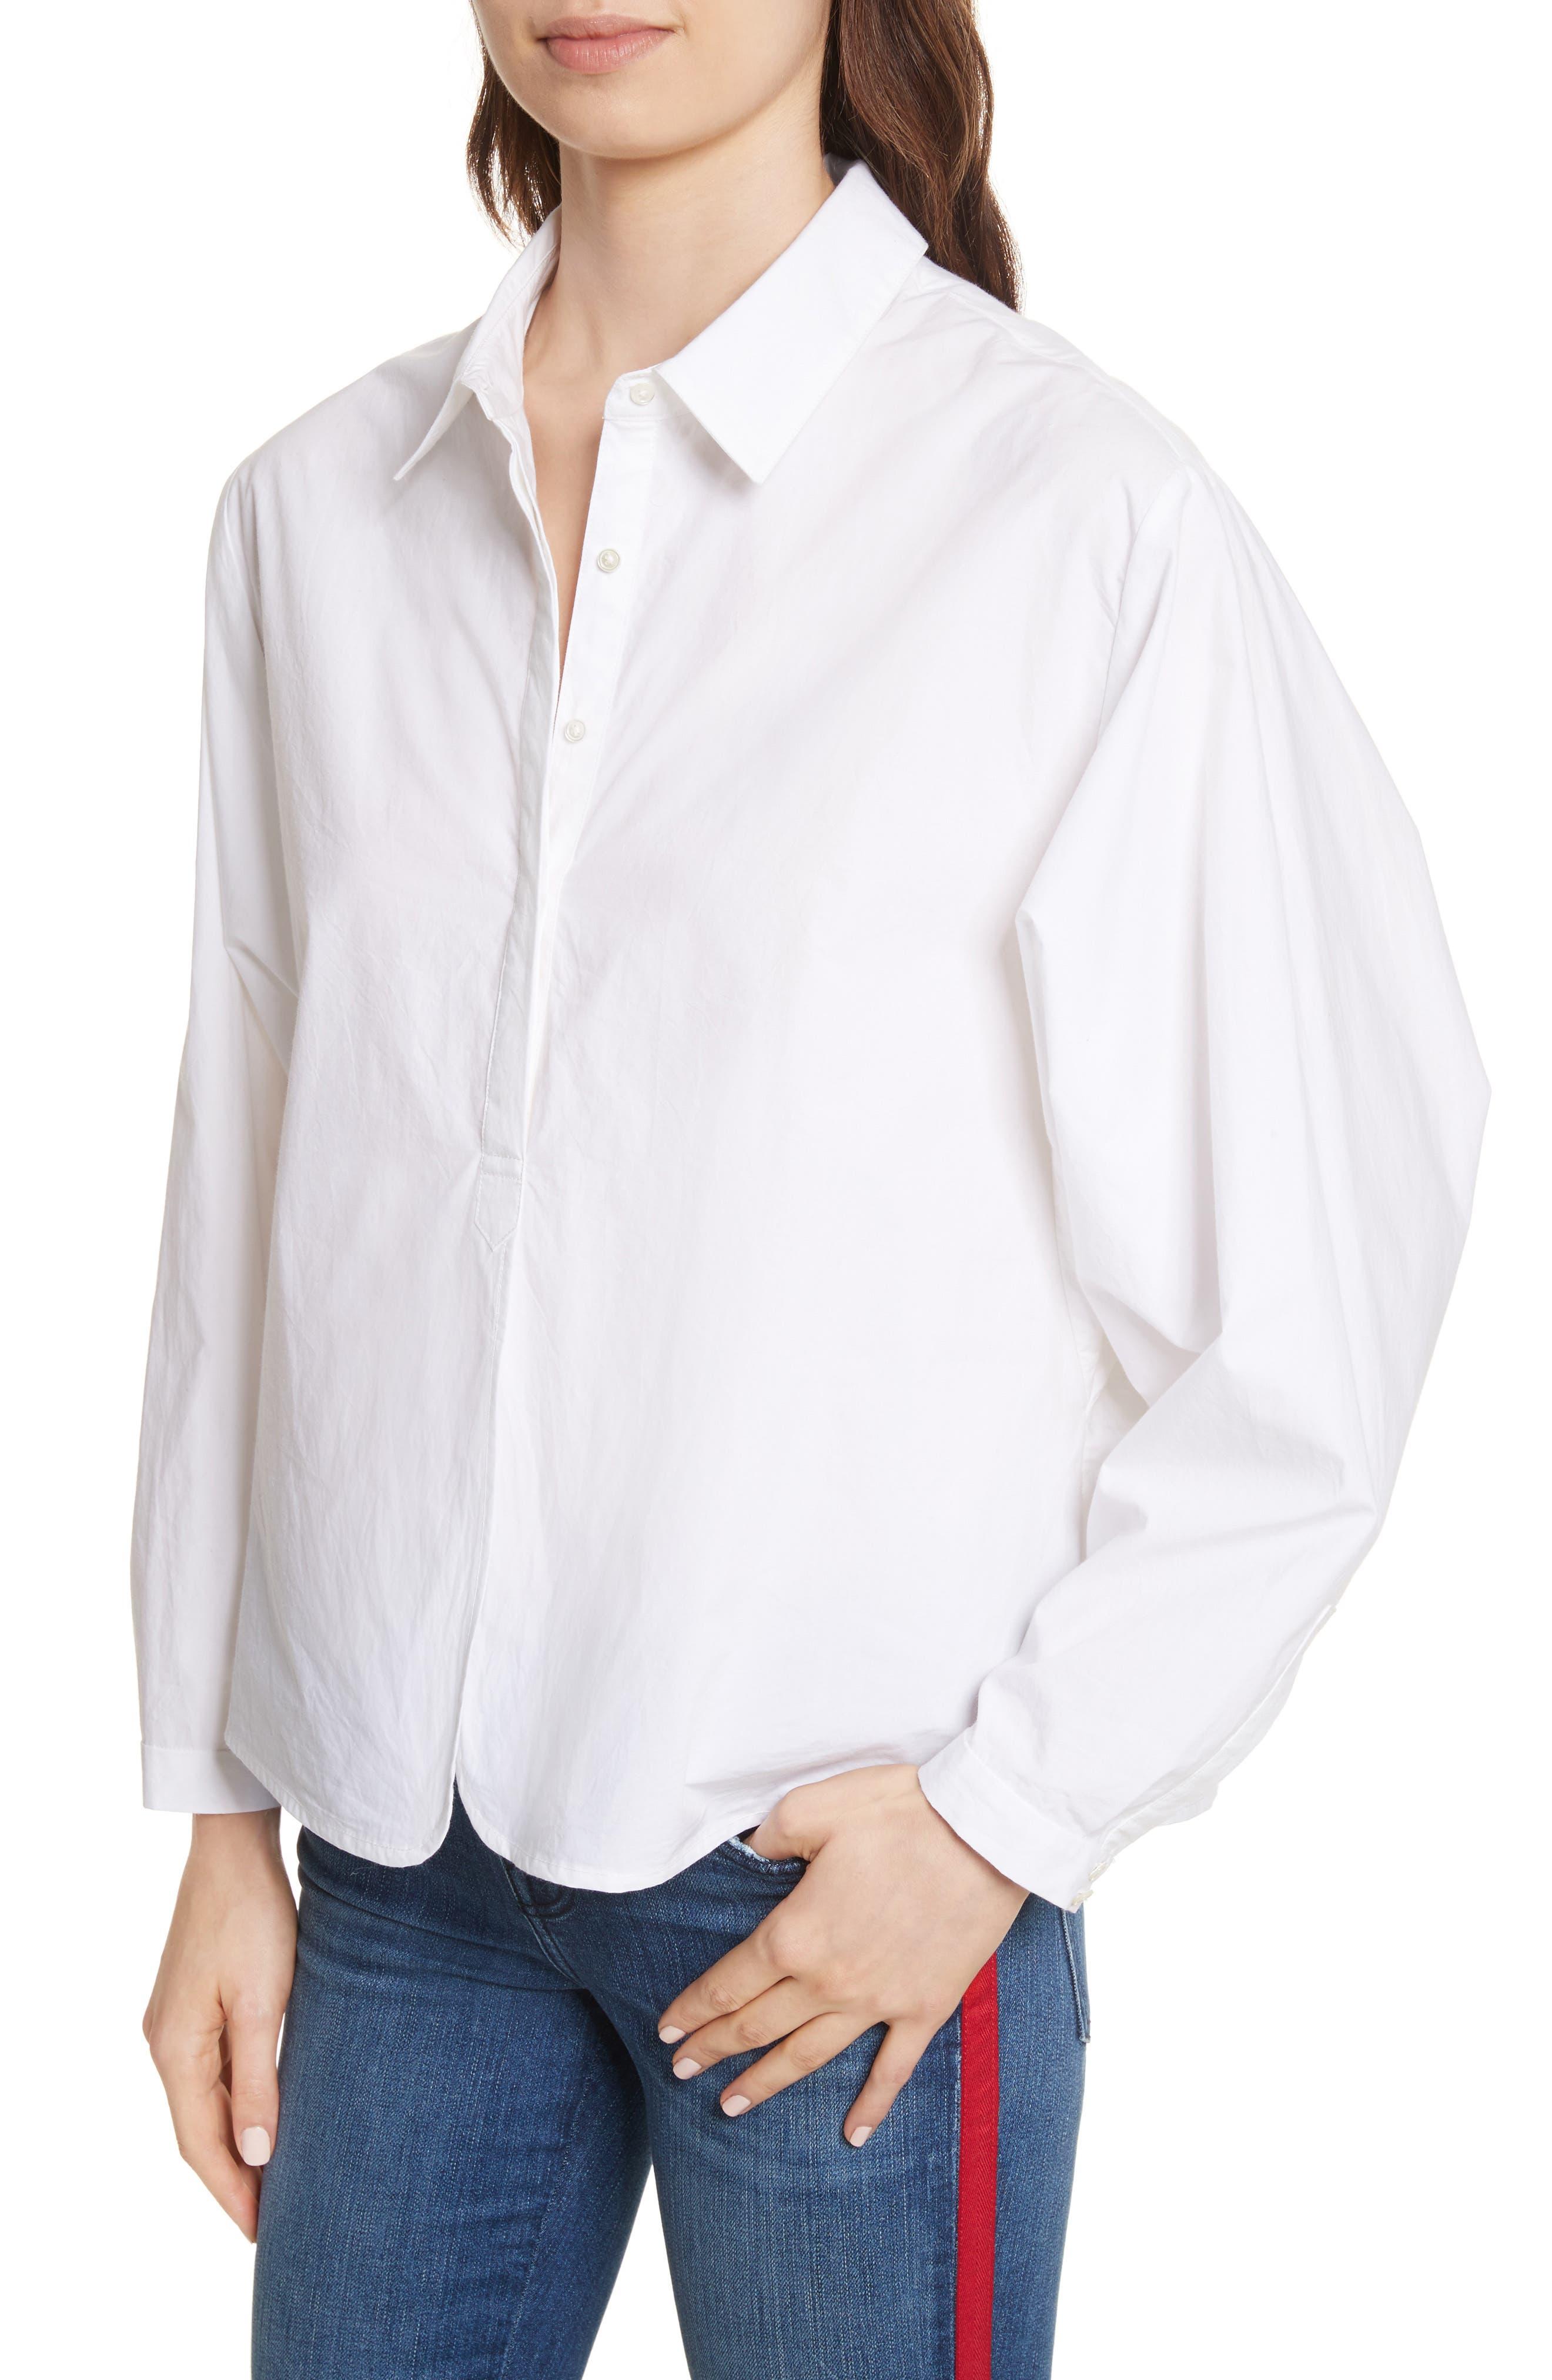 Anjanique B Button Down Cotton Shirt,                             Alternate thumbnail 4, color,                             Clean White